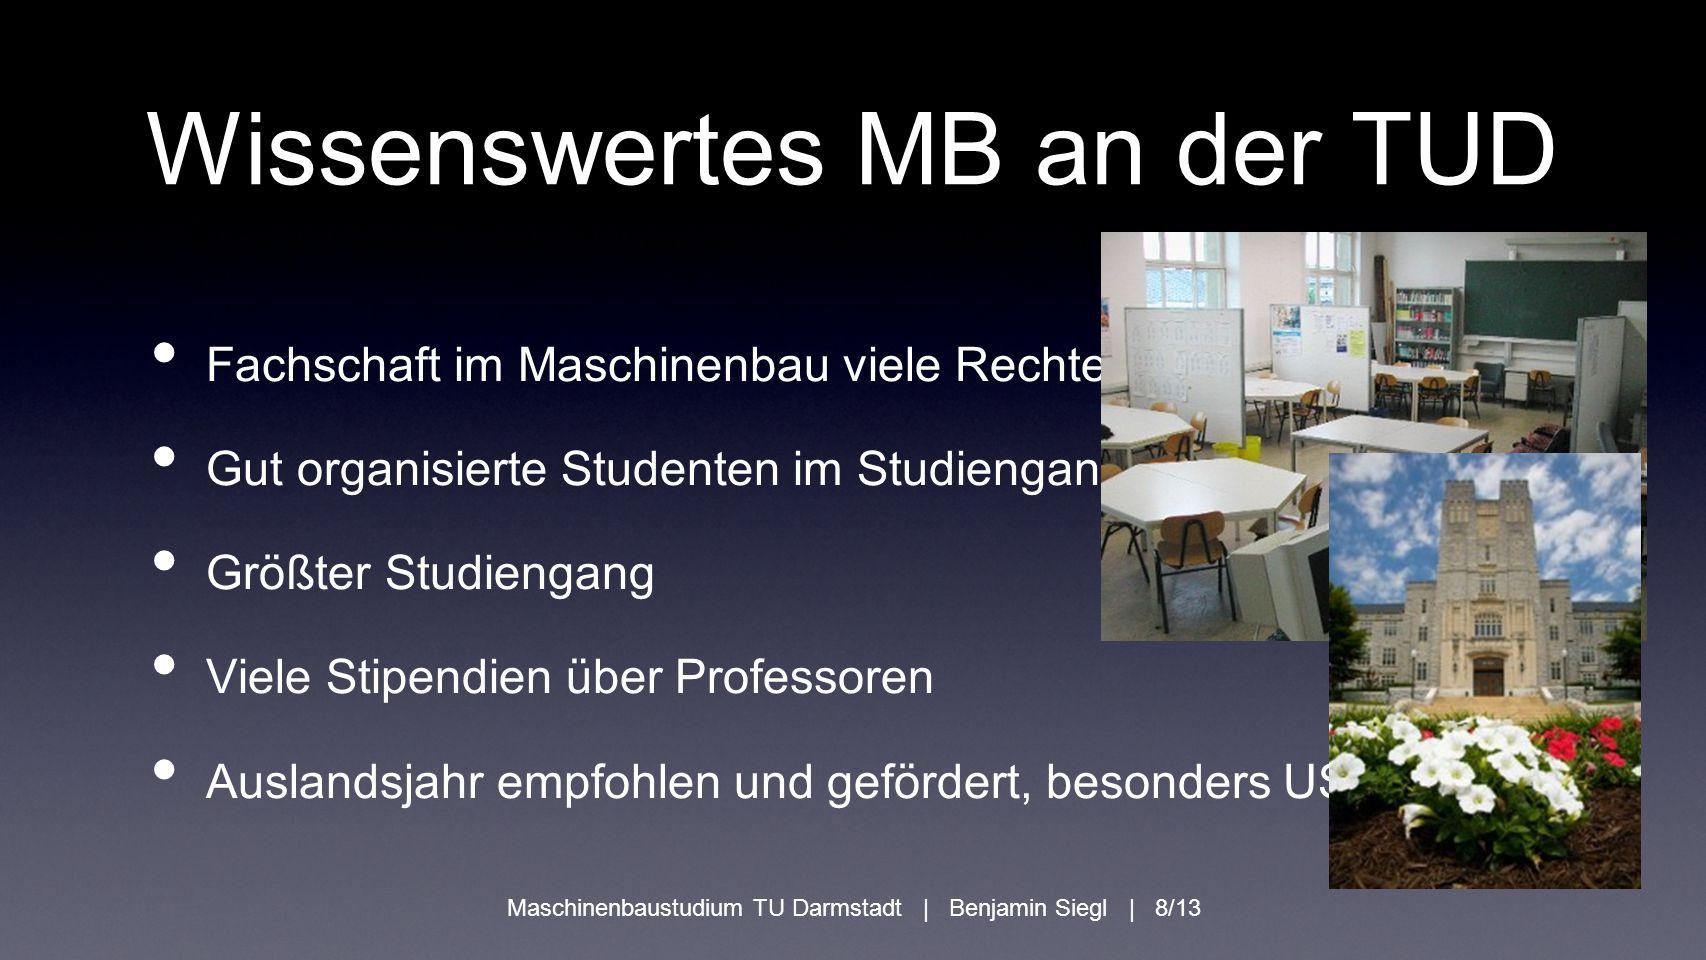 Wissenswertes MB an der TUD Fachschaft im Maschinenbau viele Rechte Gut organisierte Studenten im Studiengang Größter Studiengang Viele Stipendien übe